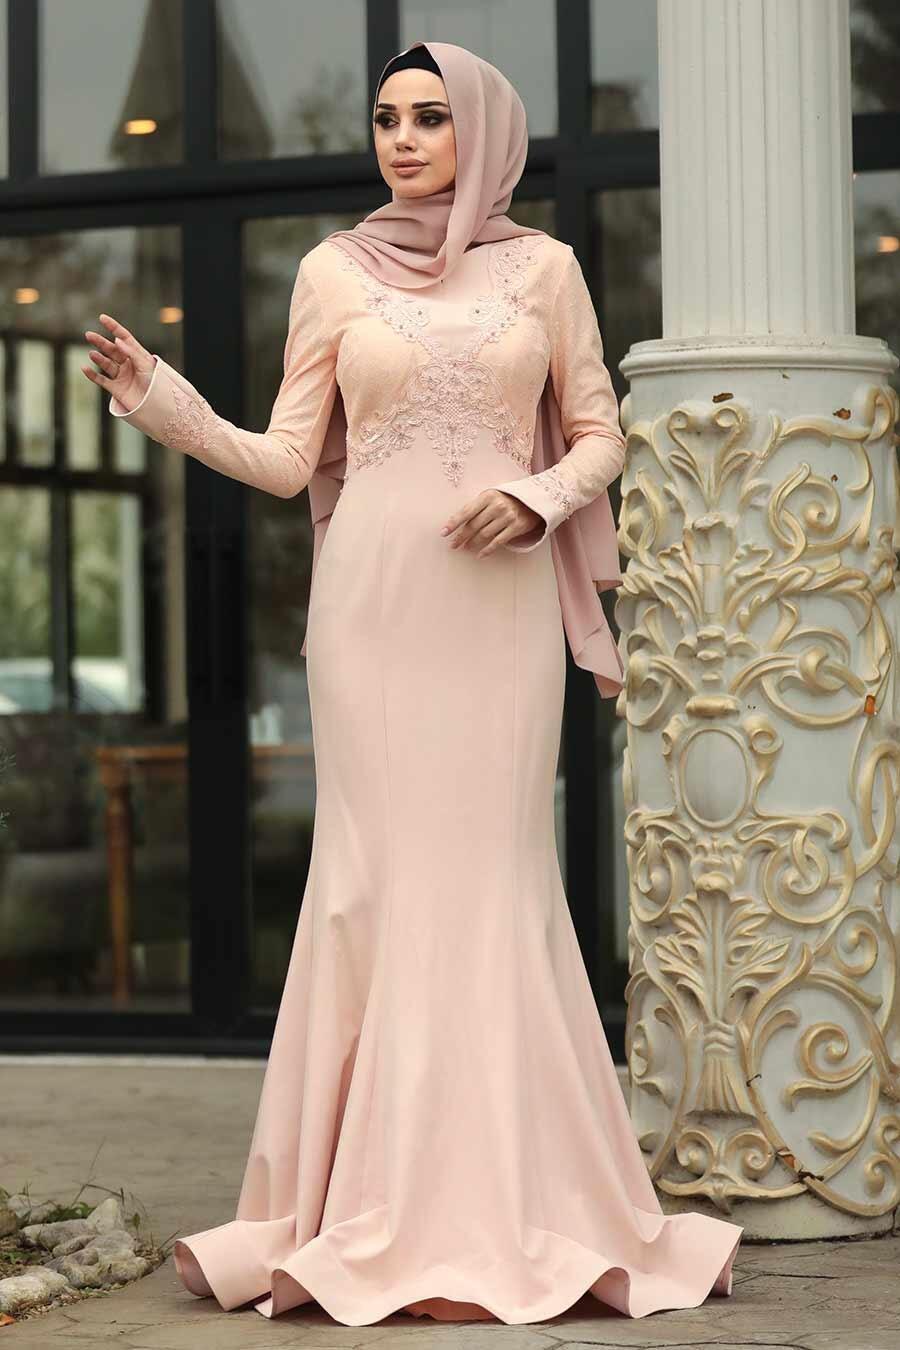 Tesettürlü Abiye Elbise - Boncuk Detaylı Dantelli Somon Tesettürlü Abiye Elbise 4568SMN